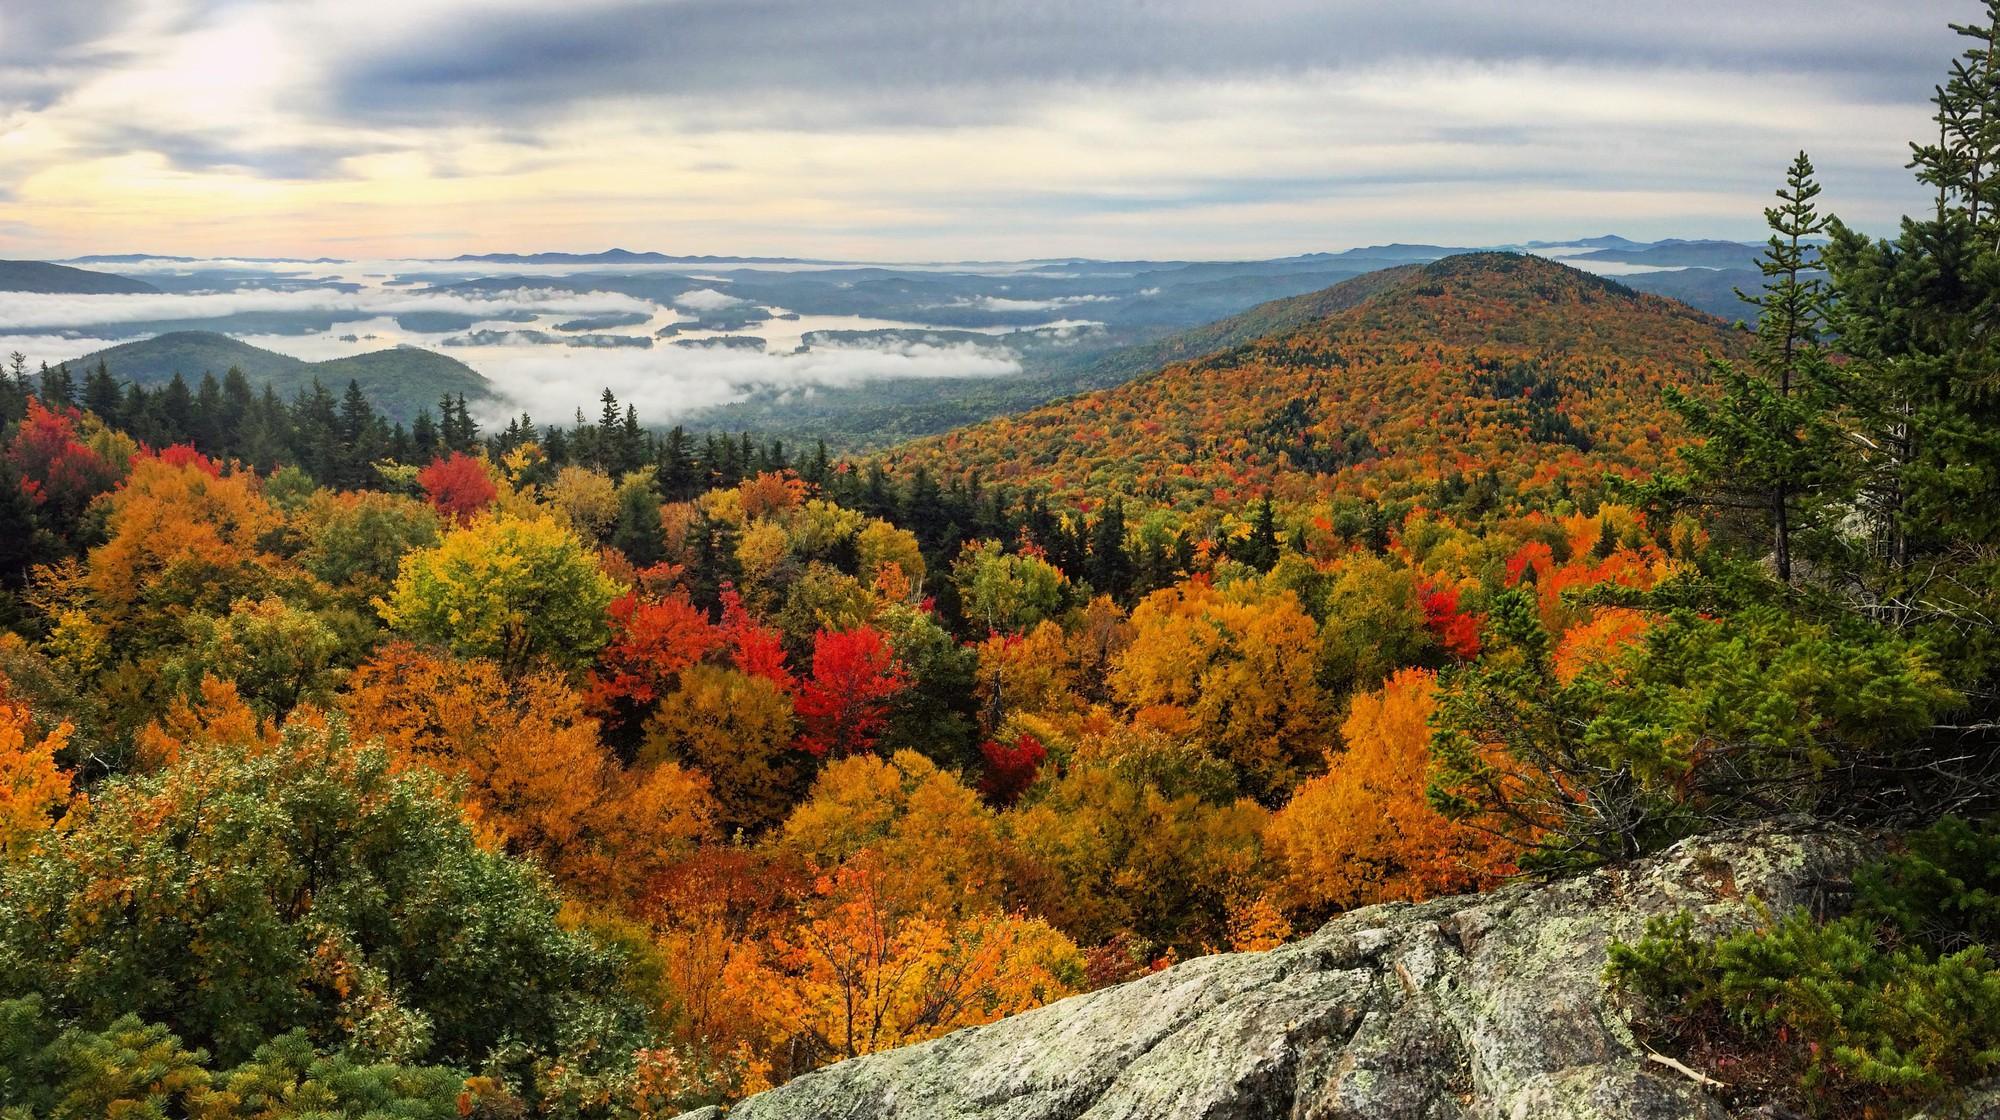 Ngắm phong cảnh đẹp đến ngoạn mục của những khu rừng vào mùa thu - Ảnh 5.